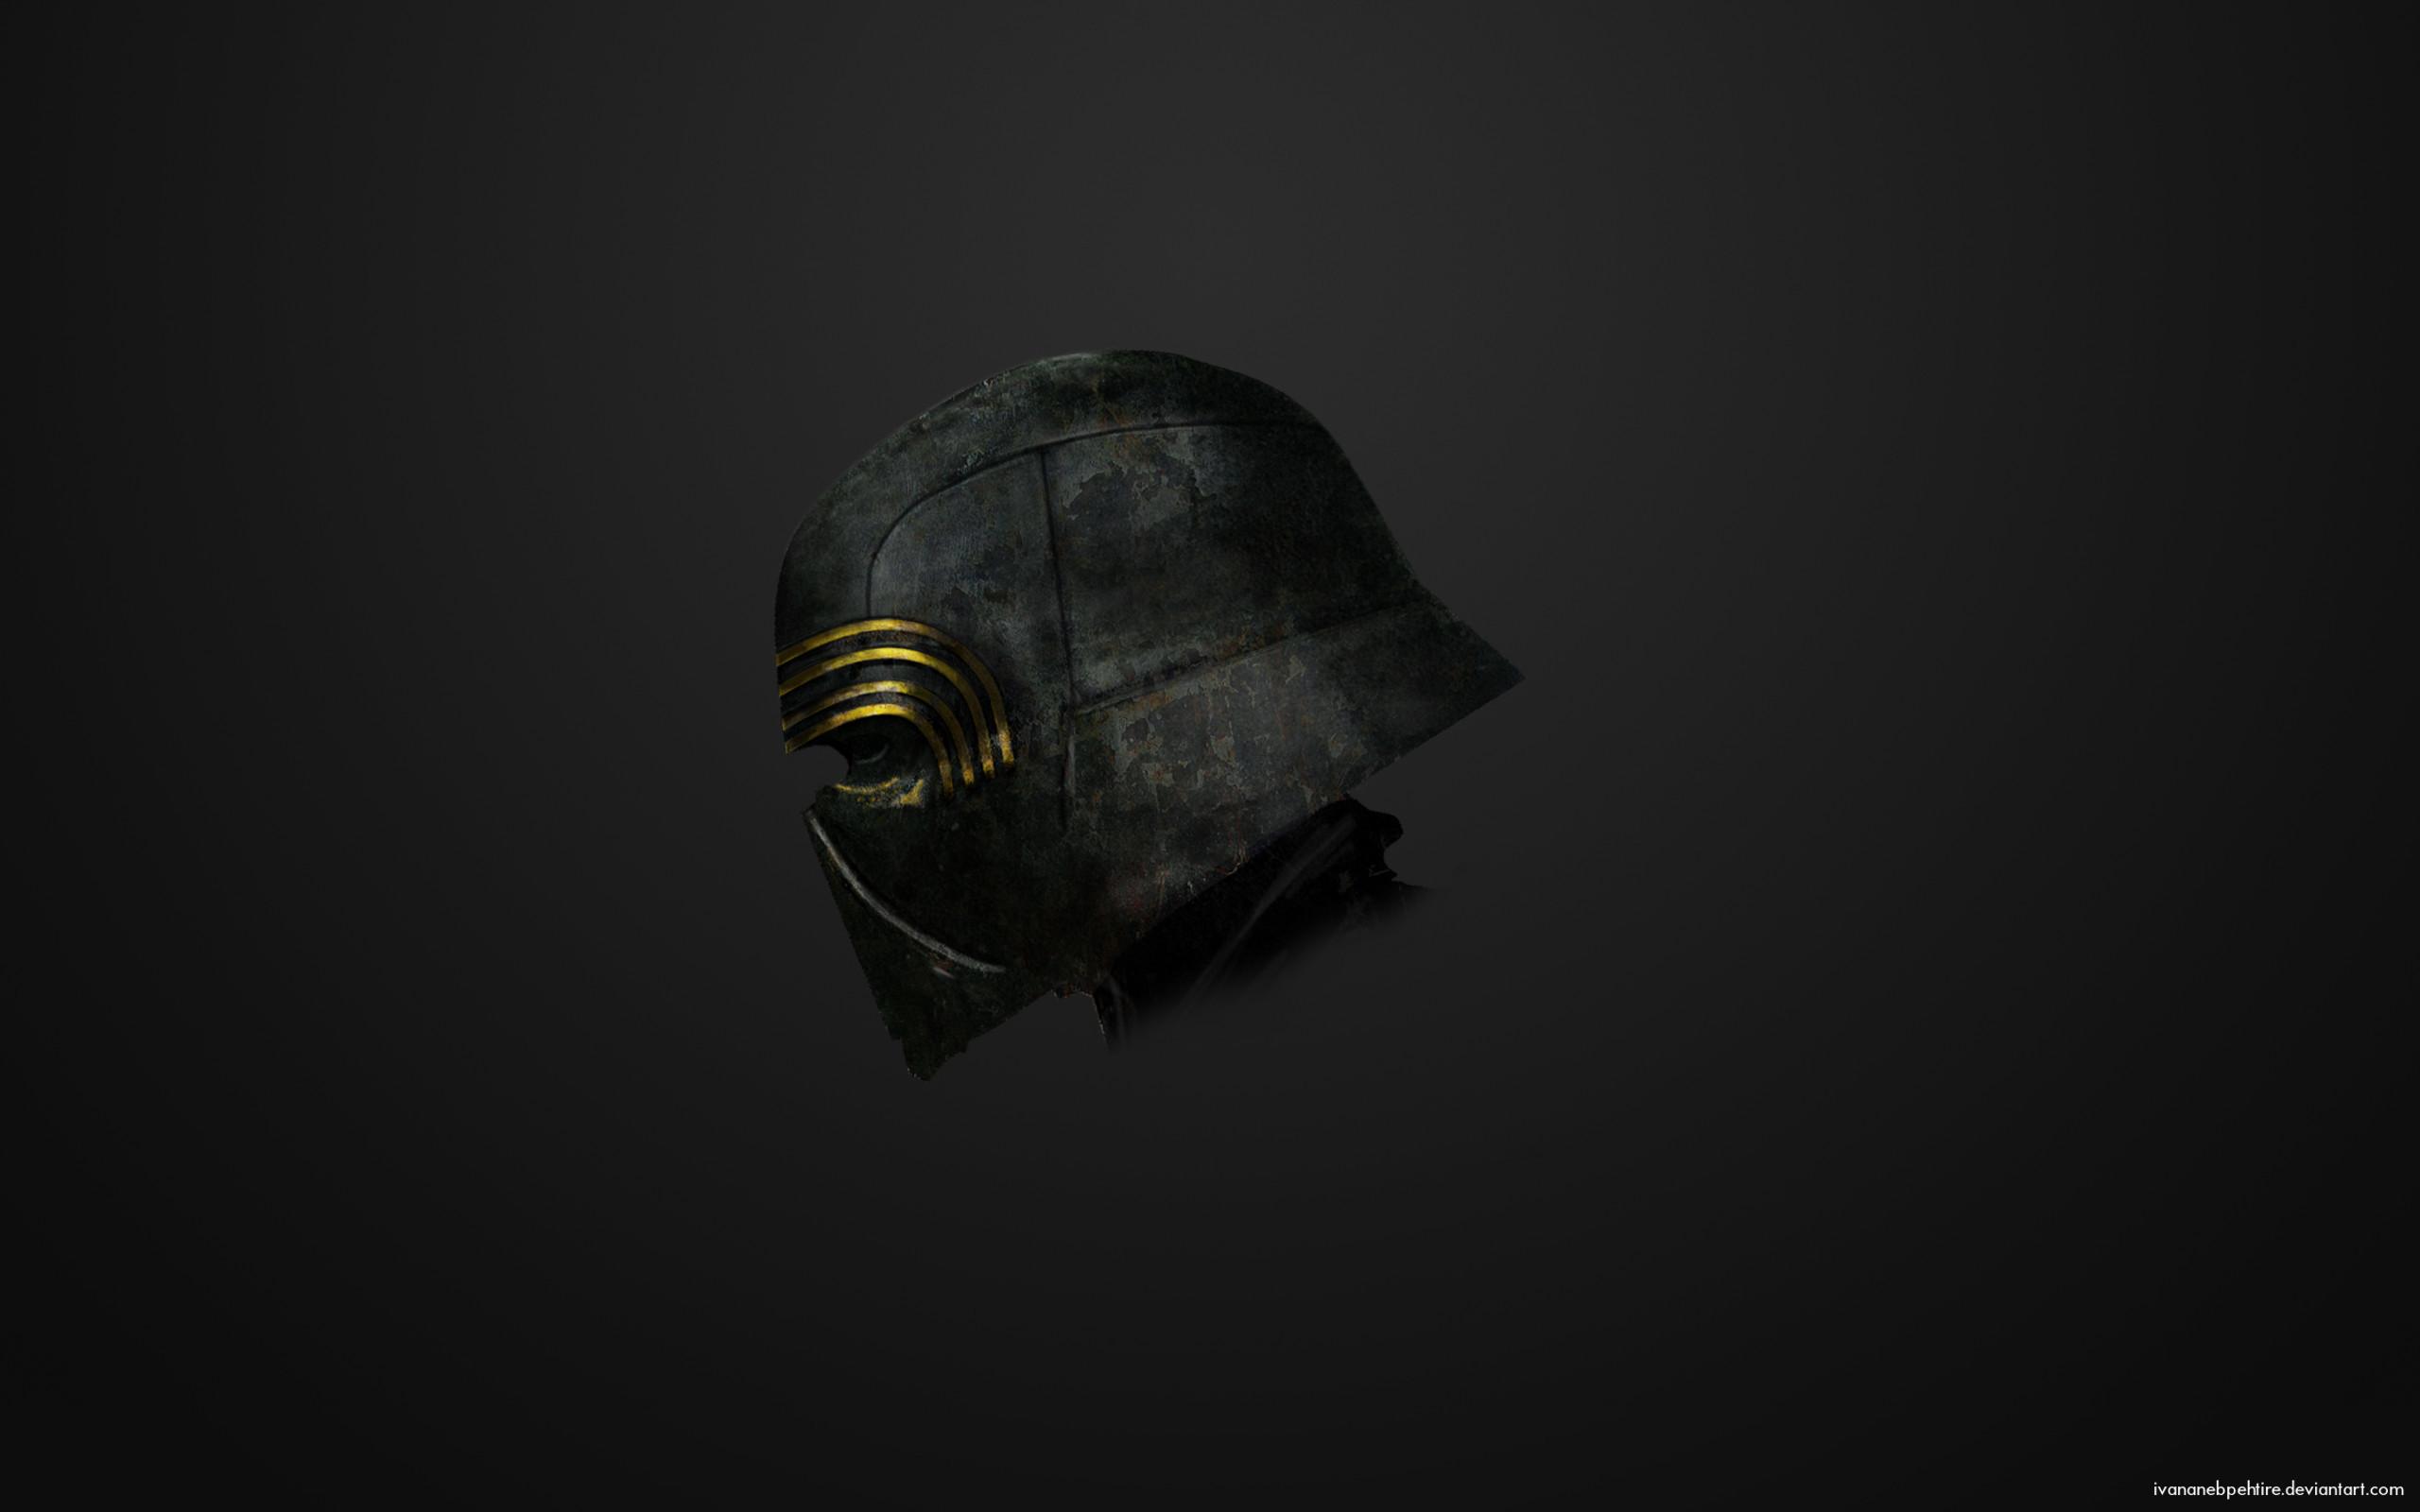 Res: 2560x1600, IvanaNebpehtire Kylo Ren Star Wars tilted  by IvanaNebpehtire